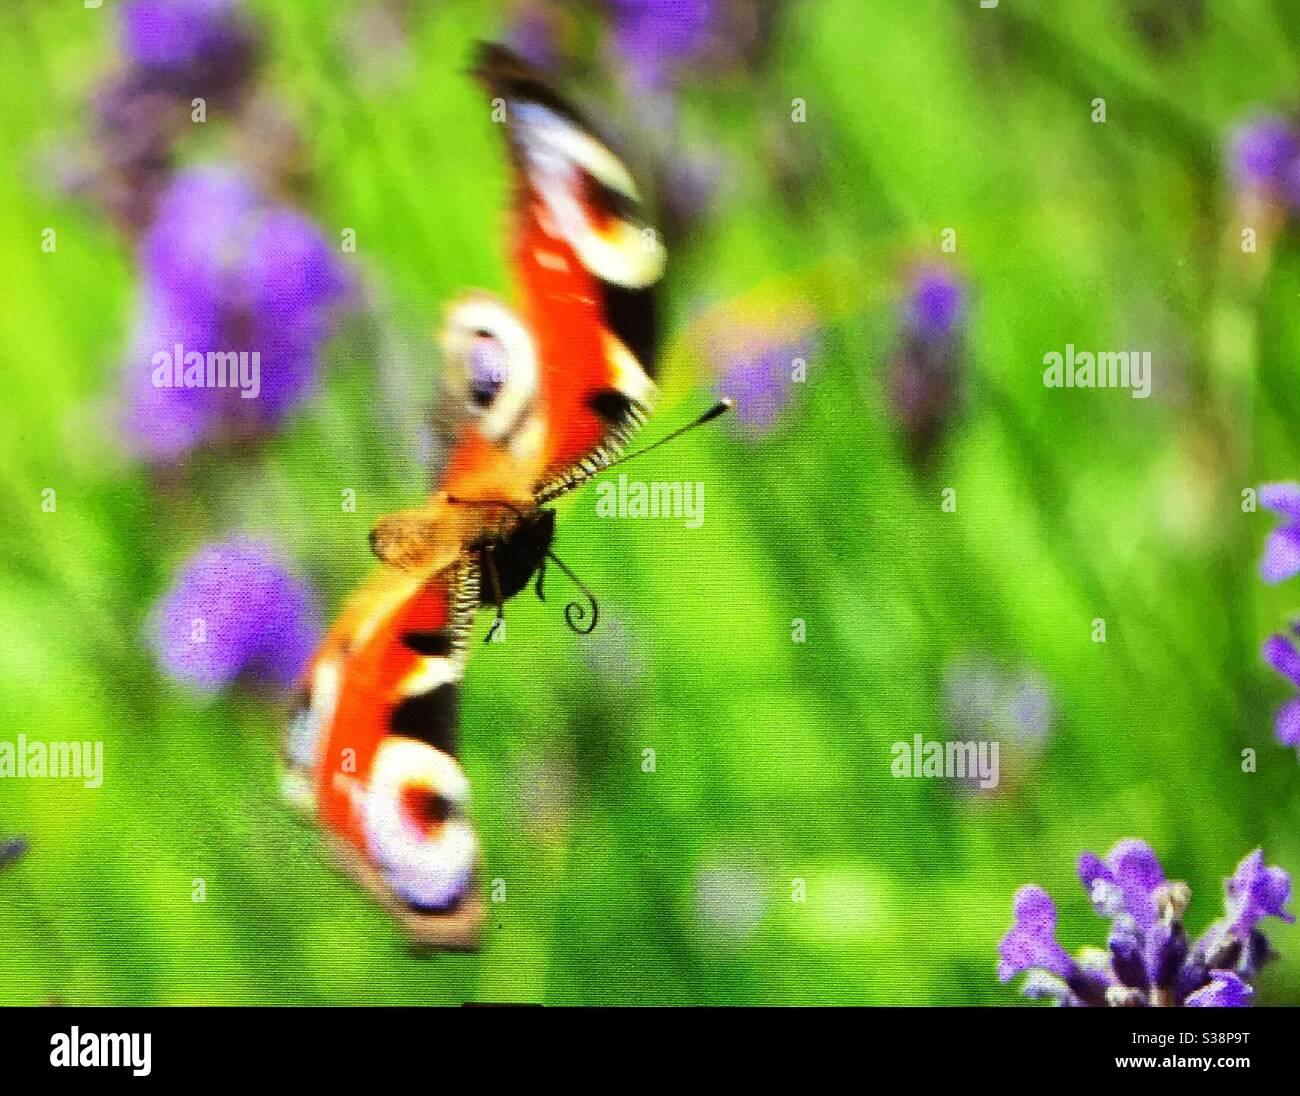 Papillon coloré en action pendant le vol à Räfsnäs, Gräddö, Rådmansö, archipel de Stockholm en Suède. Herbe verte et fleurs hors foyer dans le sol arrière. Banque D'Images